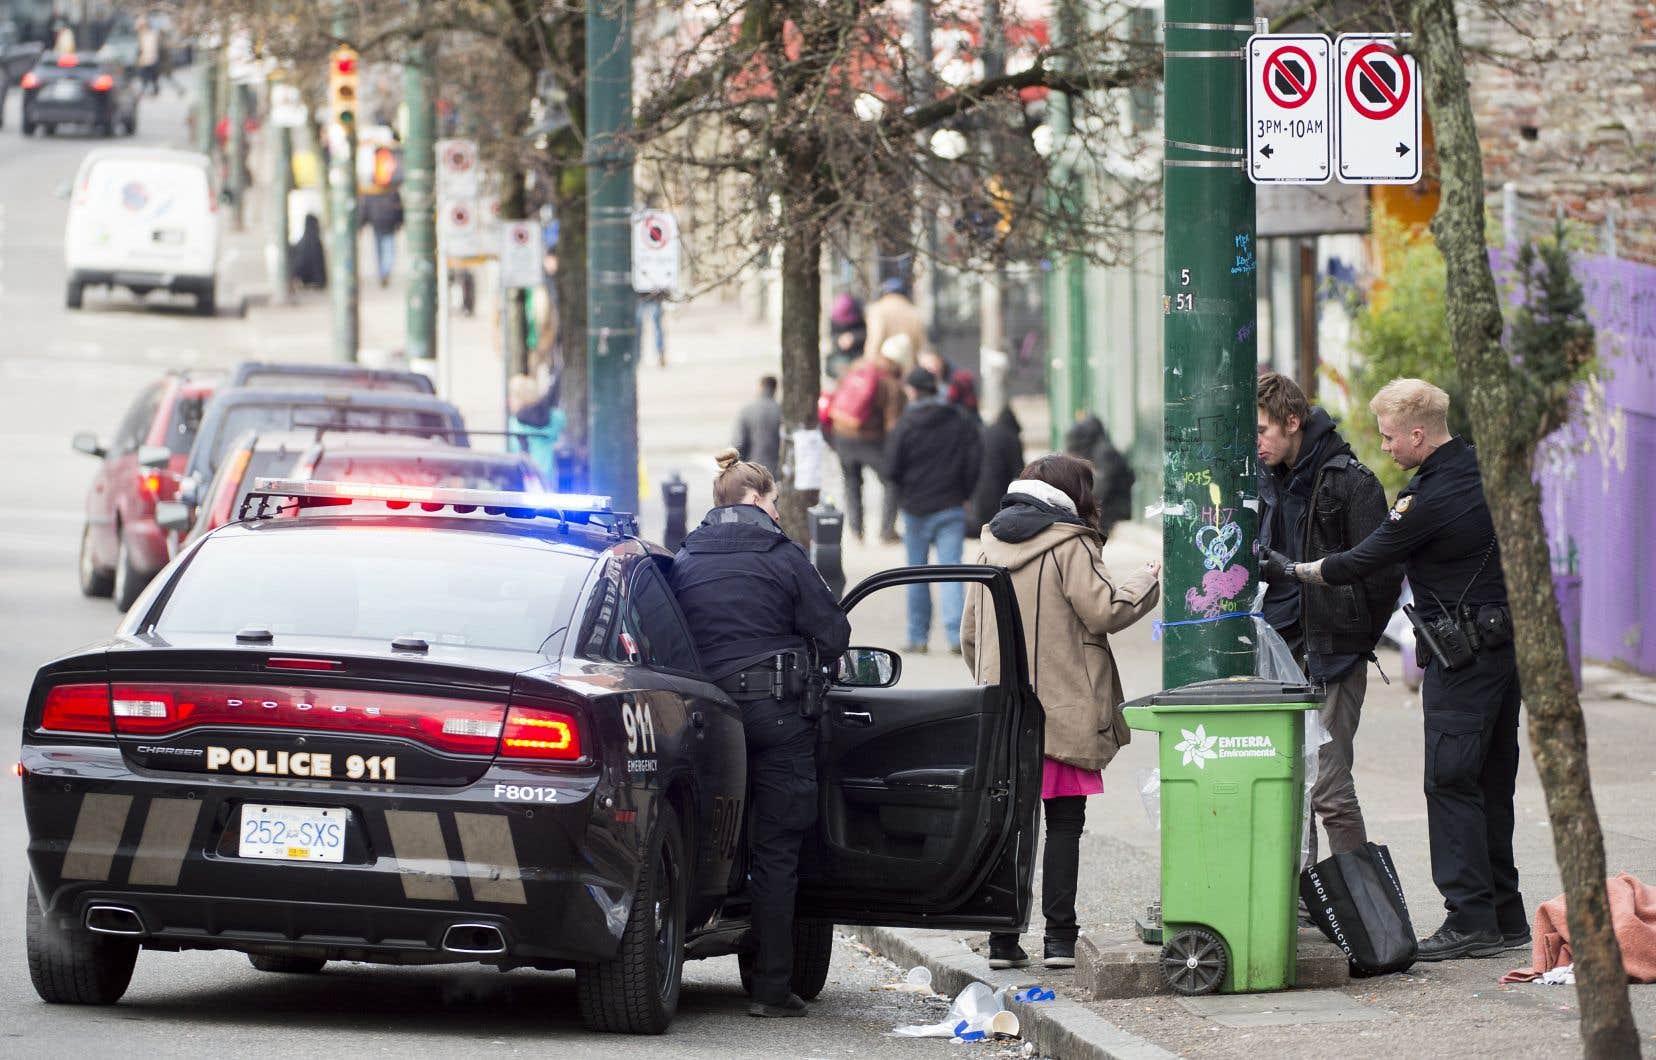 Le quartier Downtown Eastside (photo), à Vancouver, est l'épicentre de la crise des opioïdes dans l'ouest du pays. La Colombie-Britannique est la province canadienne la plus touchée par cette vague mortelle qui annule en bonne partie les avancées médicales allongeant l'espérance de vie.